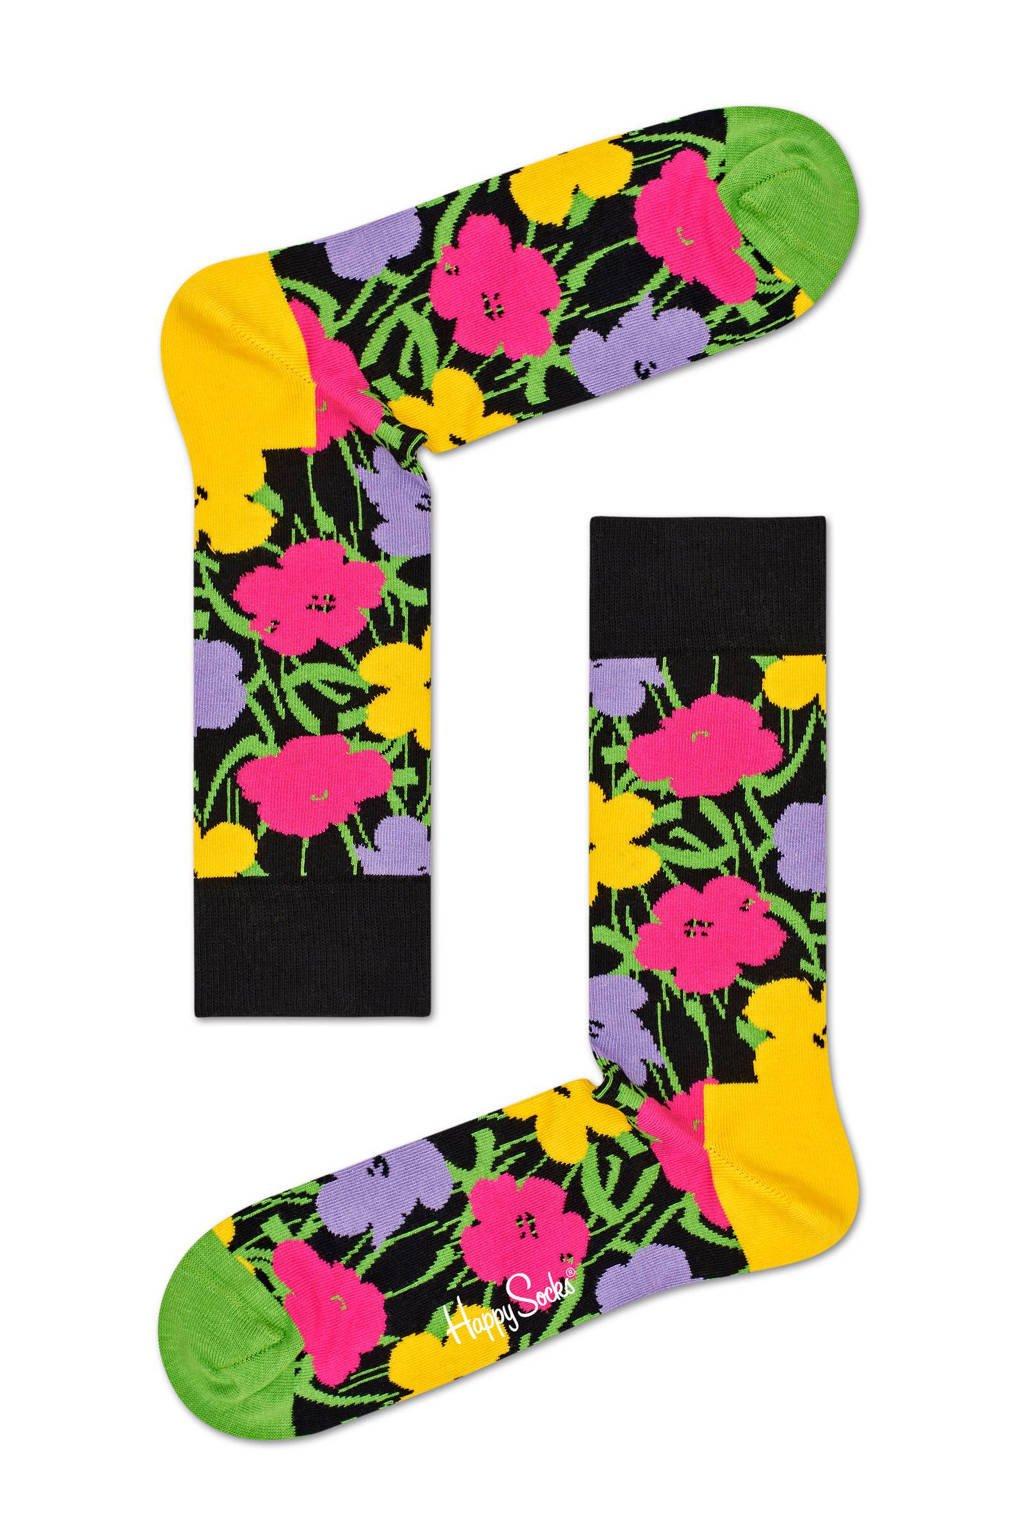 Happy Socks sokken Andy Warhol Flower, Zwart/groen/geel/roze